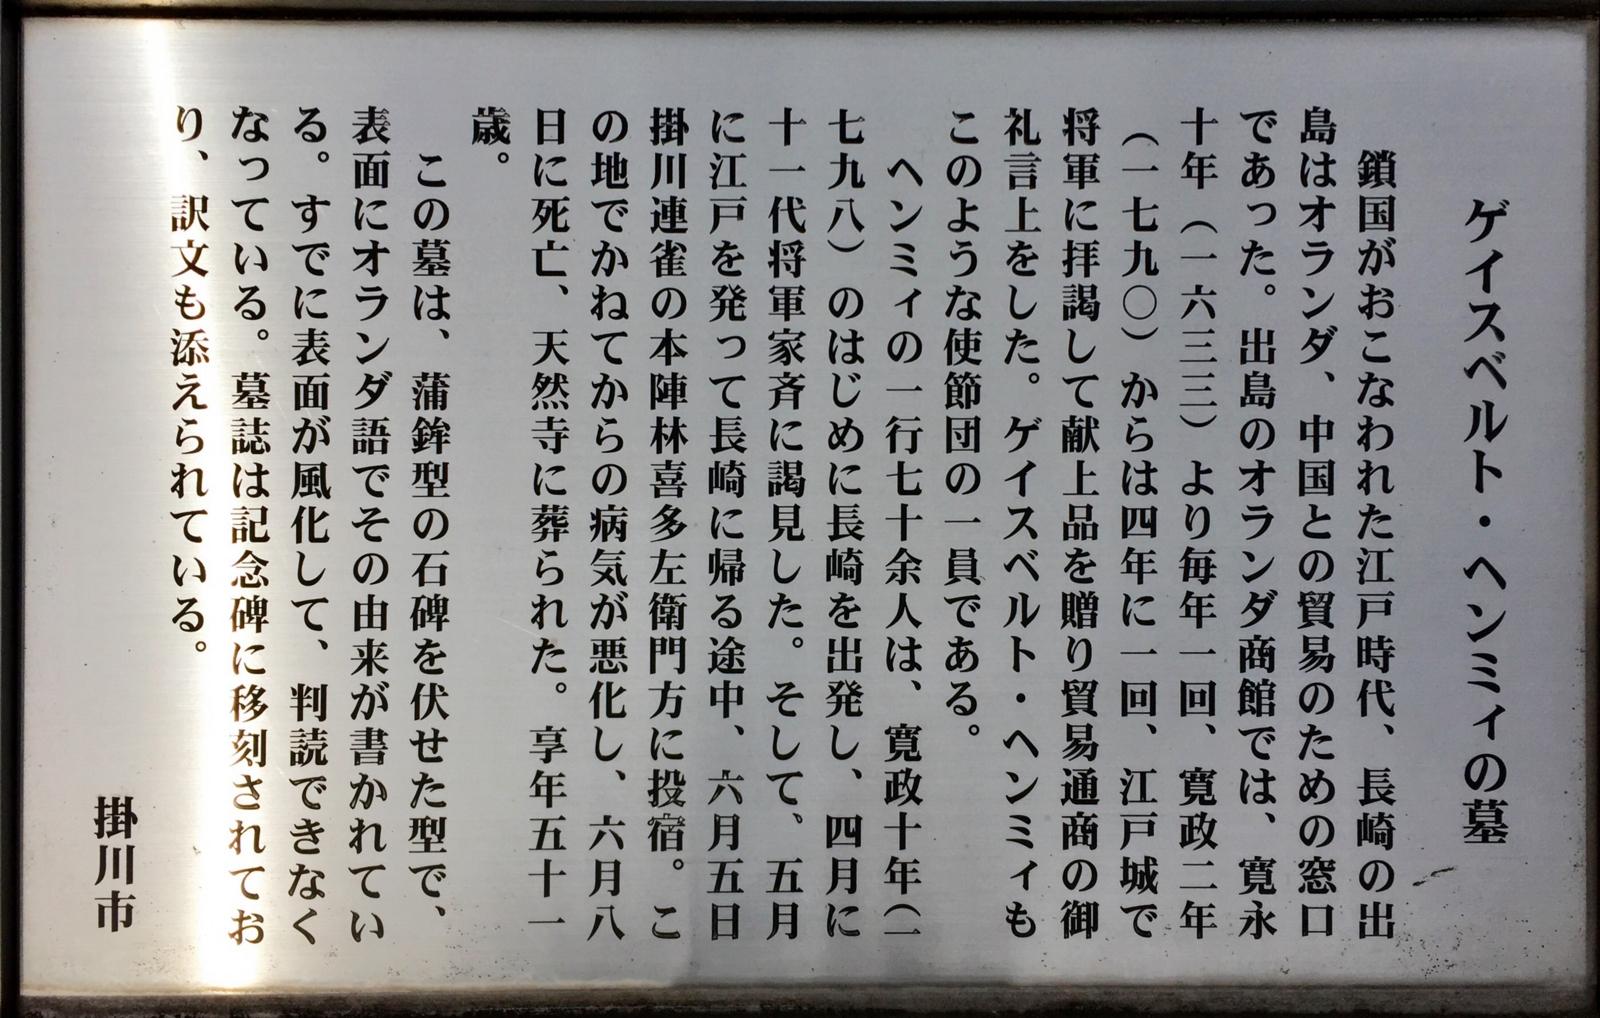 f:id:hiroro5:20161206061522j:plain